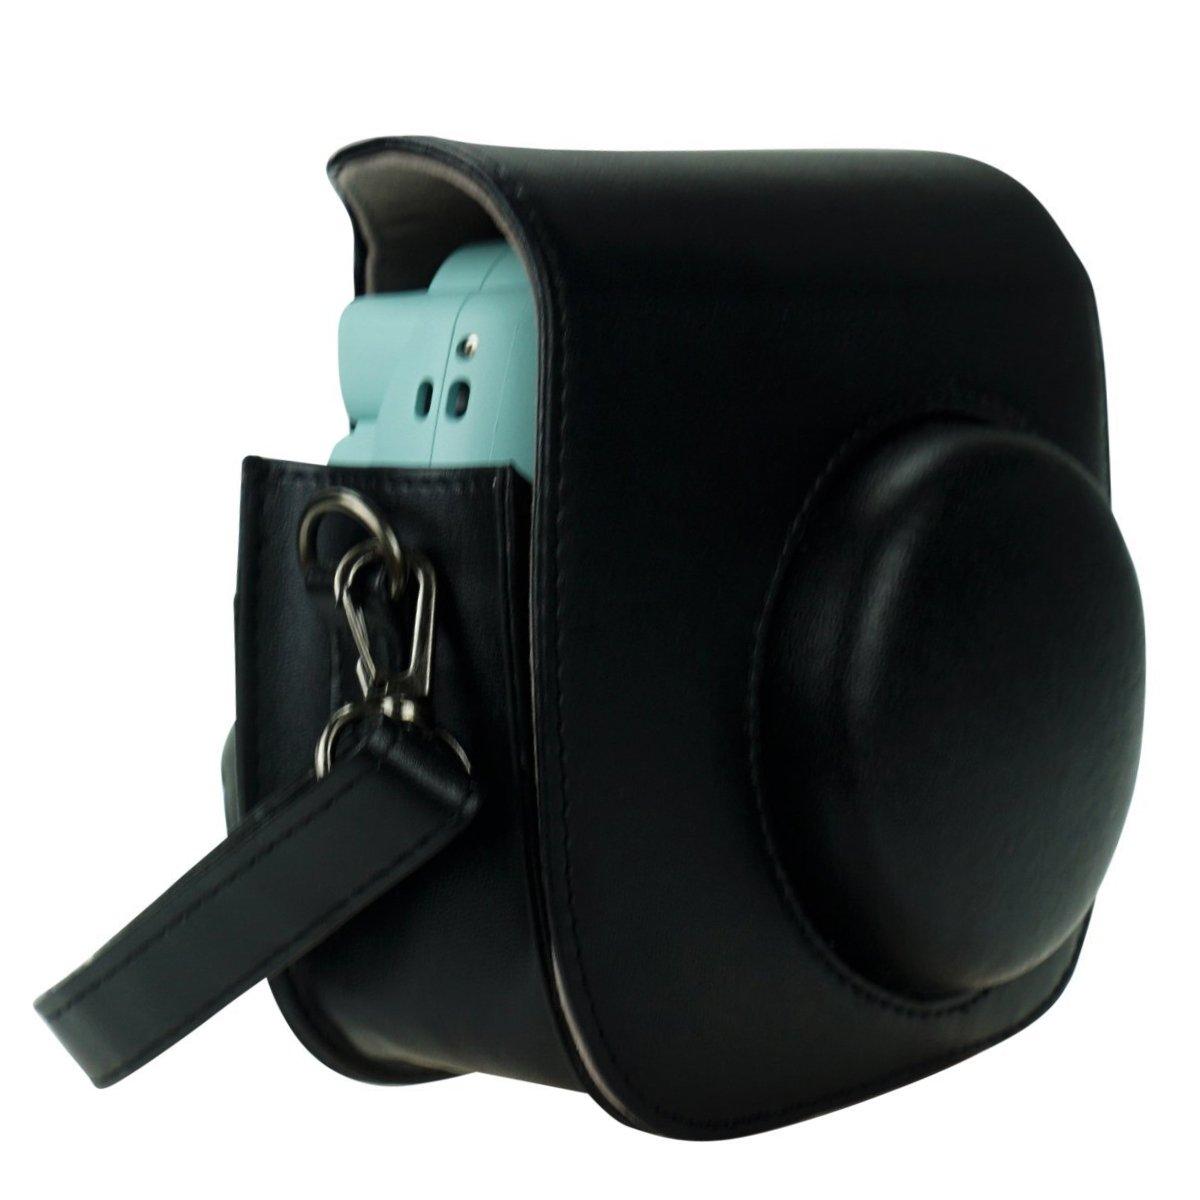 Buy Anter Protective Instax Mini 8 Case for Fujifilm Instax Mini 8